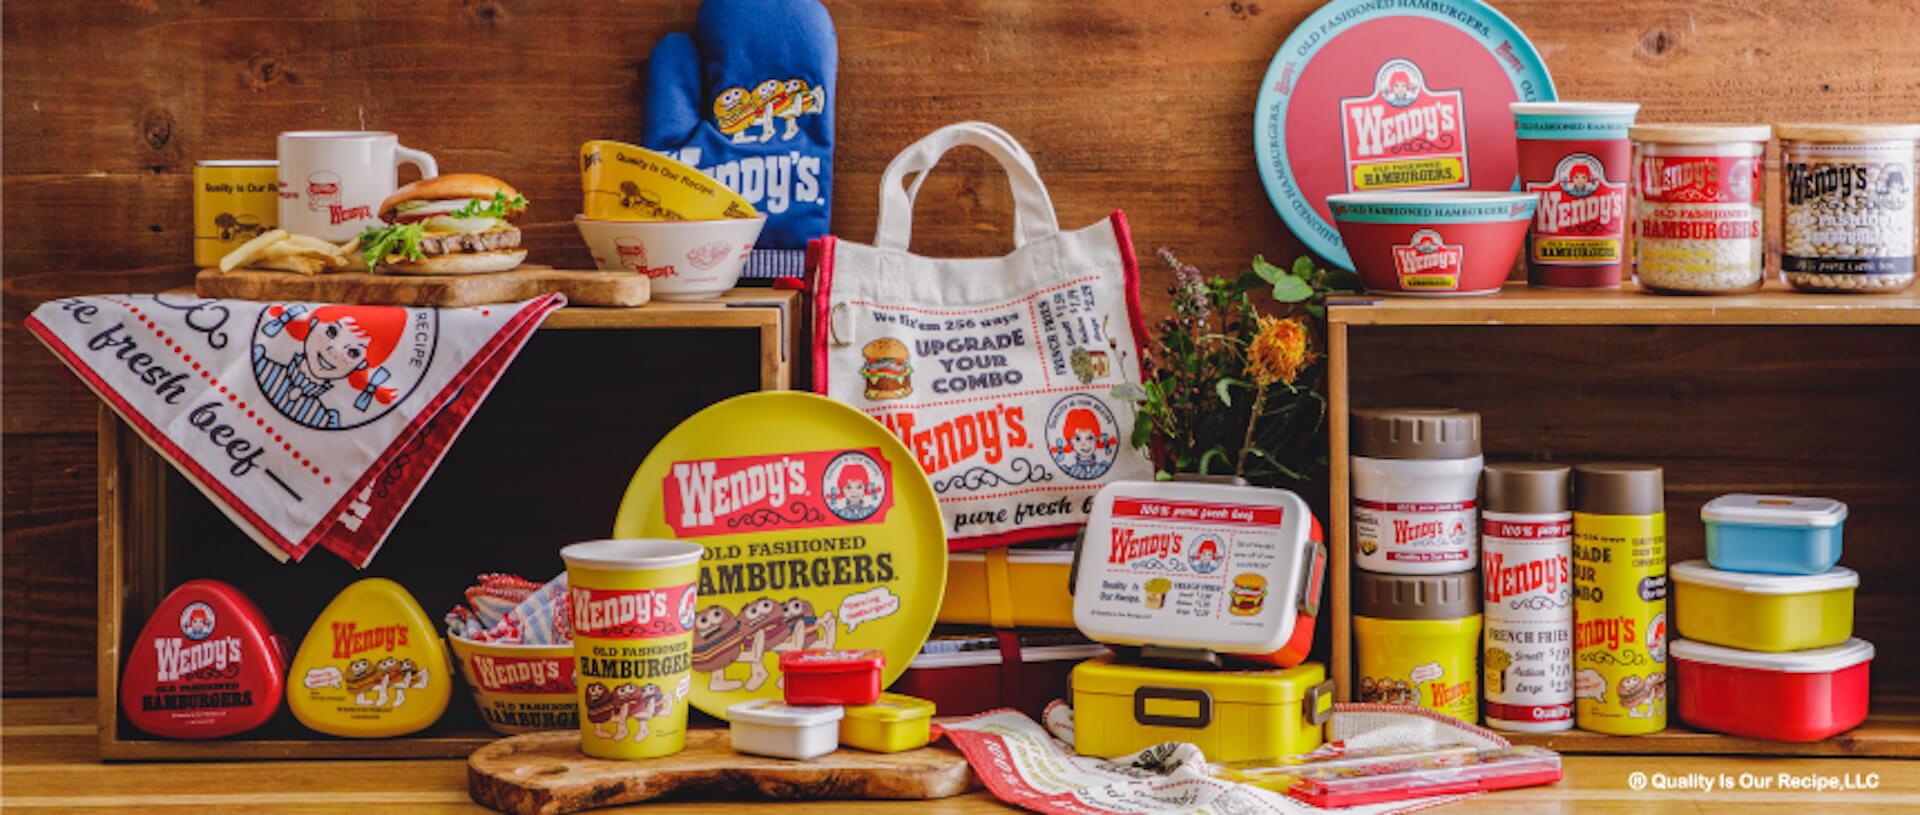 『212 KITCHEN STORE』から『Wendy's』とのコラボアイテムが登場!ロゴやマークをあしらったランチグッズなども販売 life2020925-wendys8